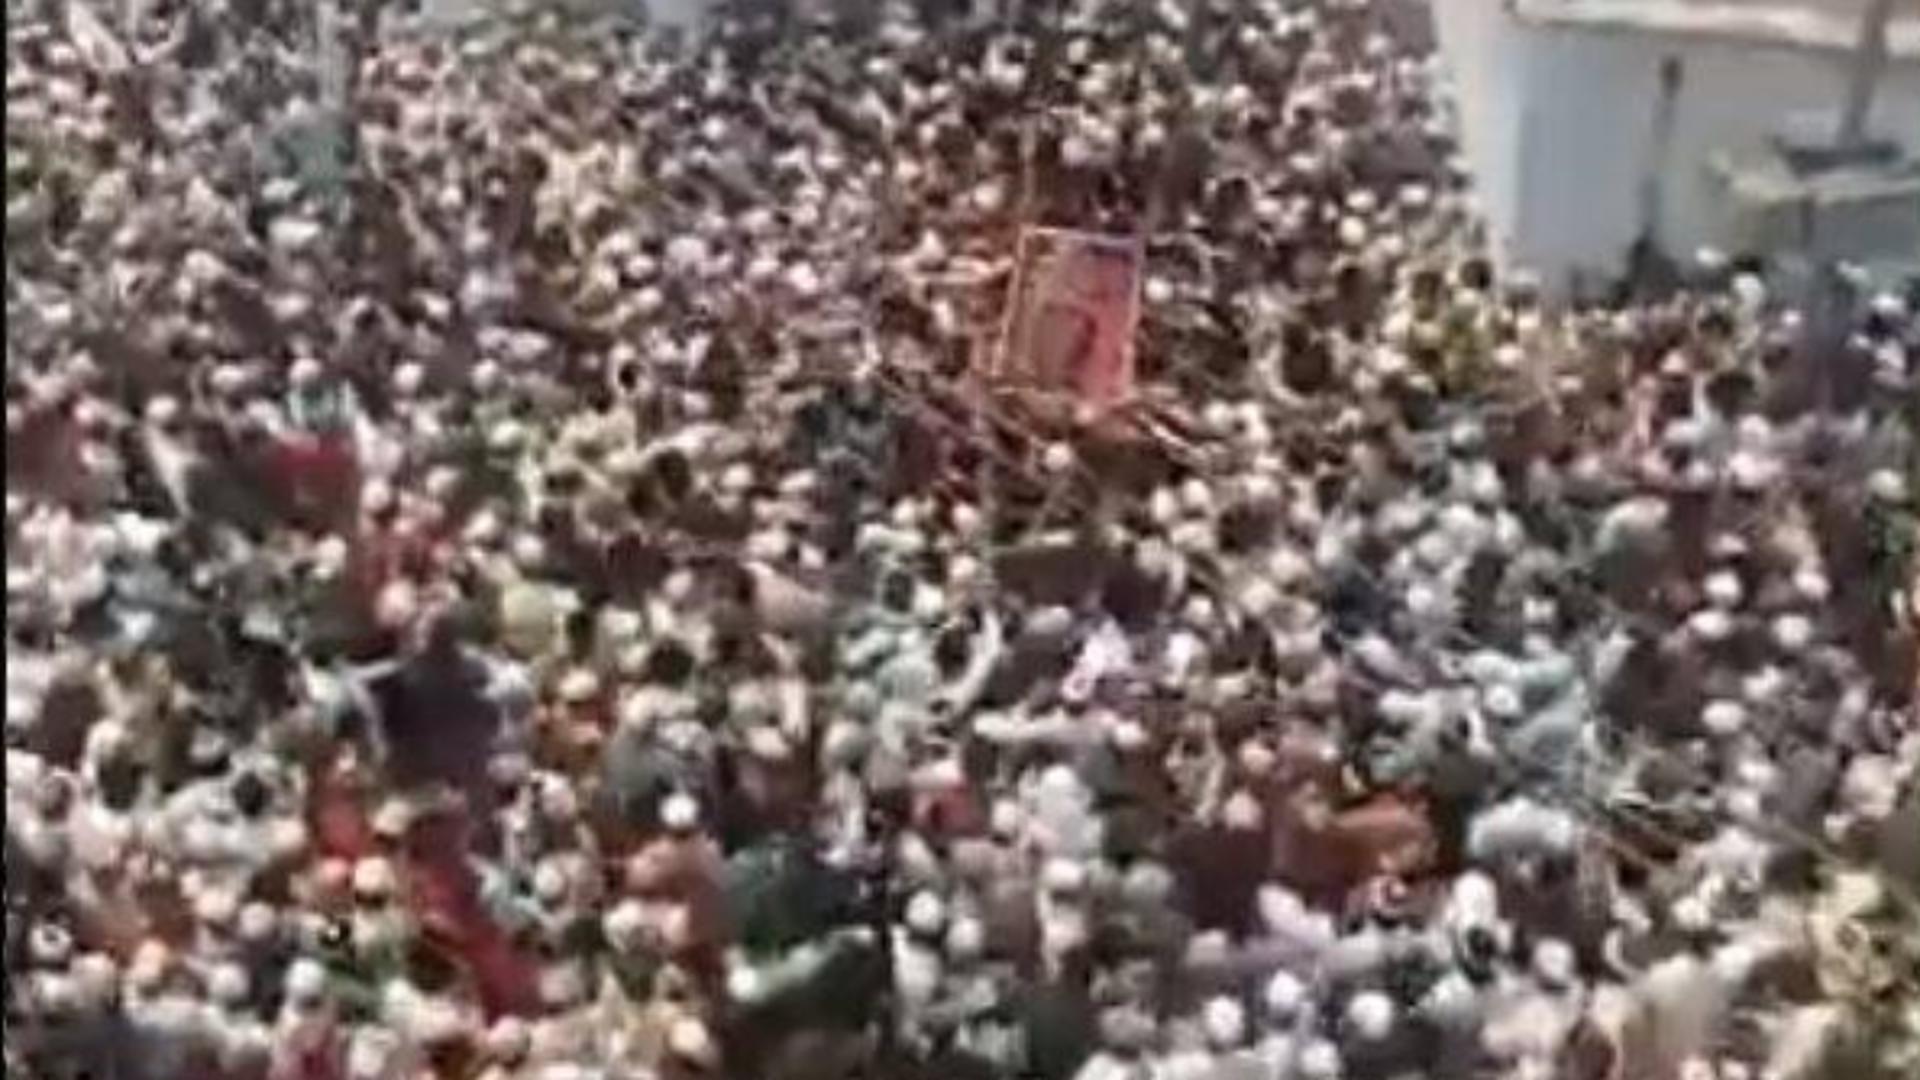 Funeralii cu peste 10.000 de persoane în India - Reguli sanitare, ignorate în țara decimată de pandemia de COVID-19 Foto: Twitter.com